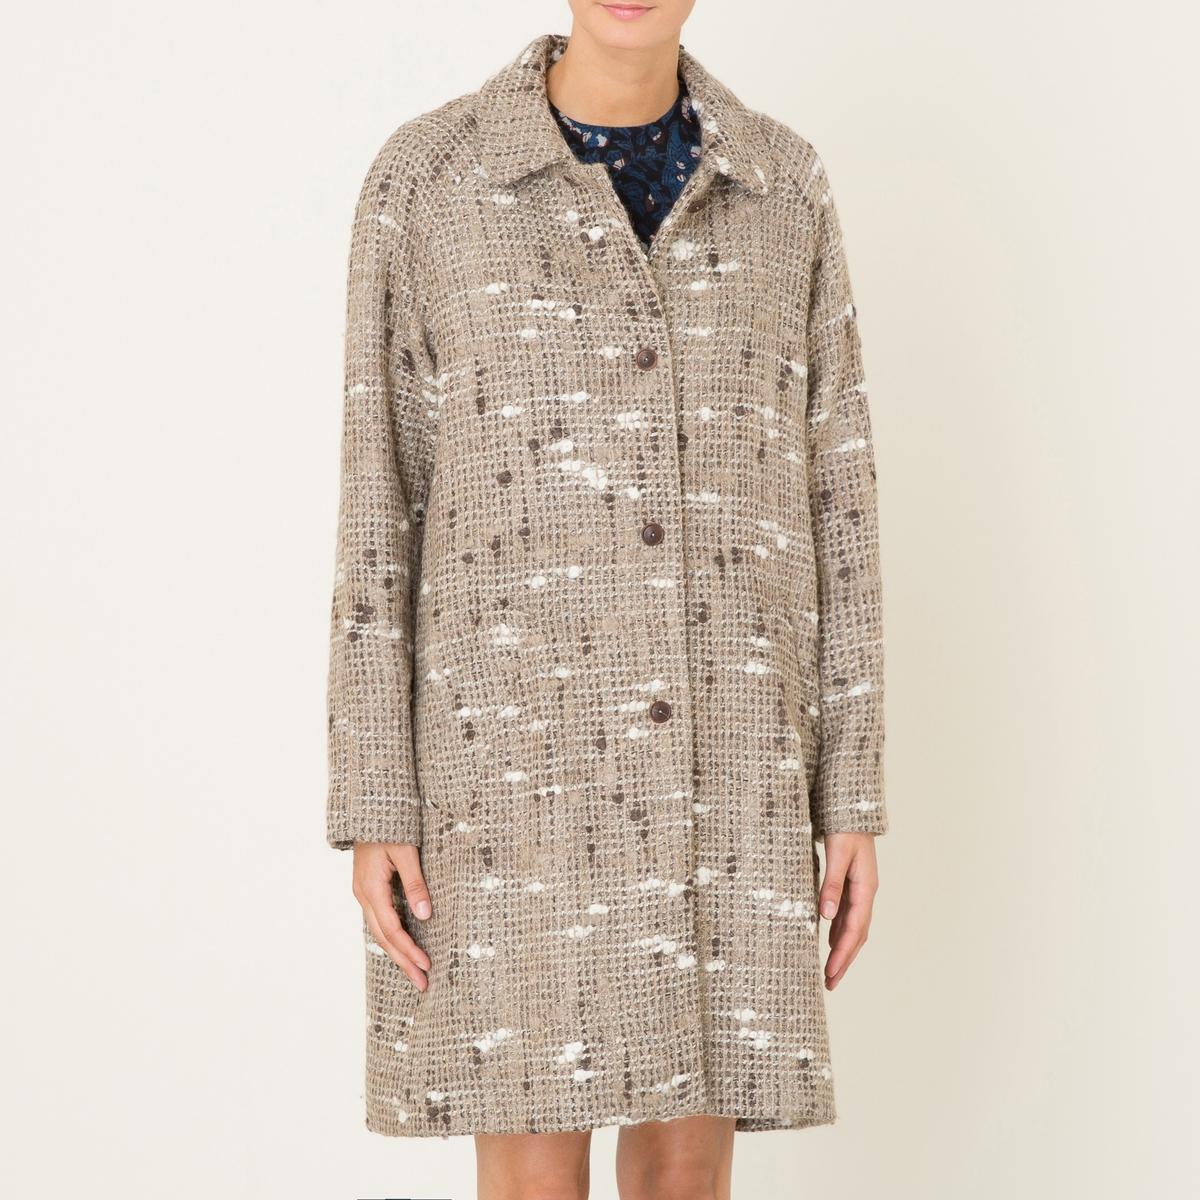 Пальто POZZOПальто покроя оверсайз DIEGA - модель POZZO, из разноцветной меланжевой шерстяной ткани. Рубашечный воротник с застежкой на пуговицы. Прямые длинные рукава. 2 больших накладных кармана спереди. Подкладка в полоску.Состав и описание :Материал : 34% шерсти, 25% акрила, 15% альпаки, 15% полиэстера, 7% вискозы, 4% полиамидаПодкладка 100% полиэстерМарка : DIEGA<br><br>Цвет: бежевый<br>Размер: S